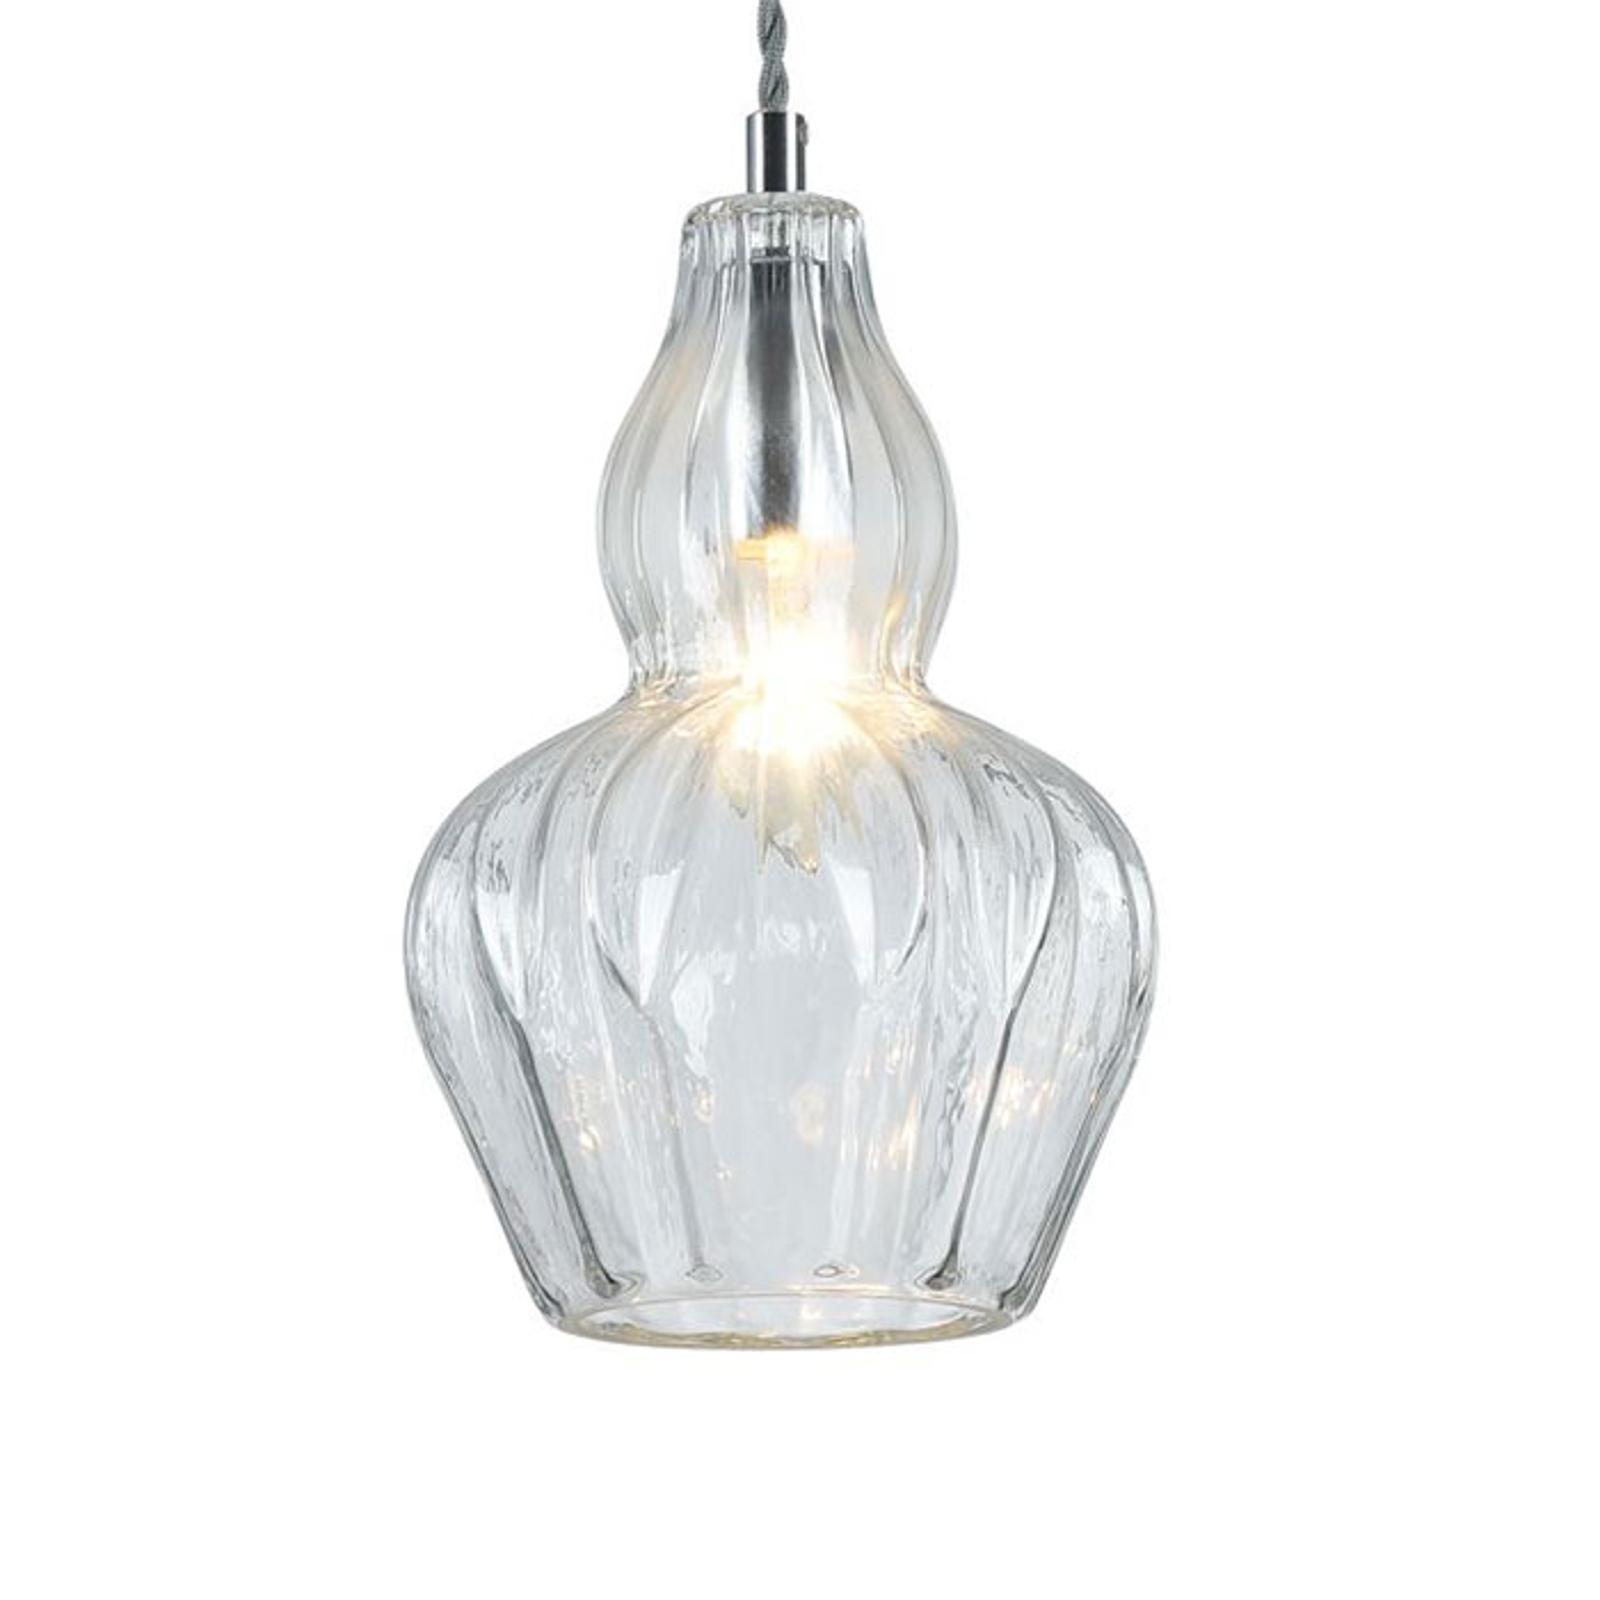 Lampa wisząca Eustoma z przezroczystym kloszem